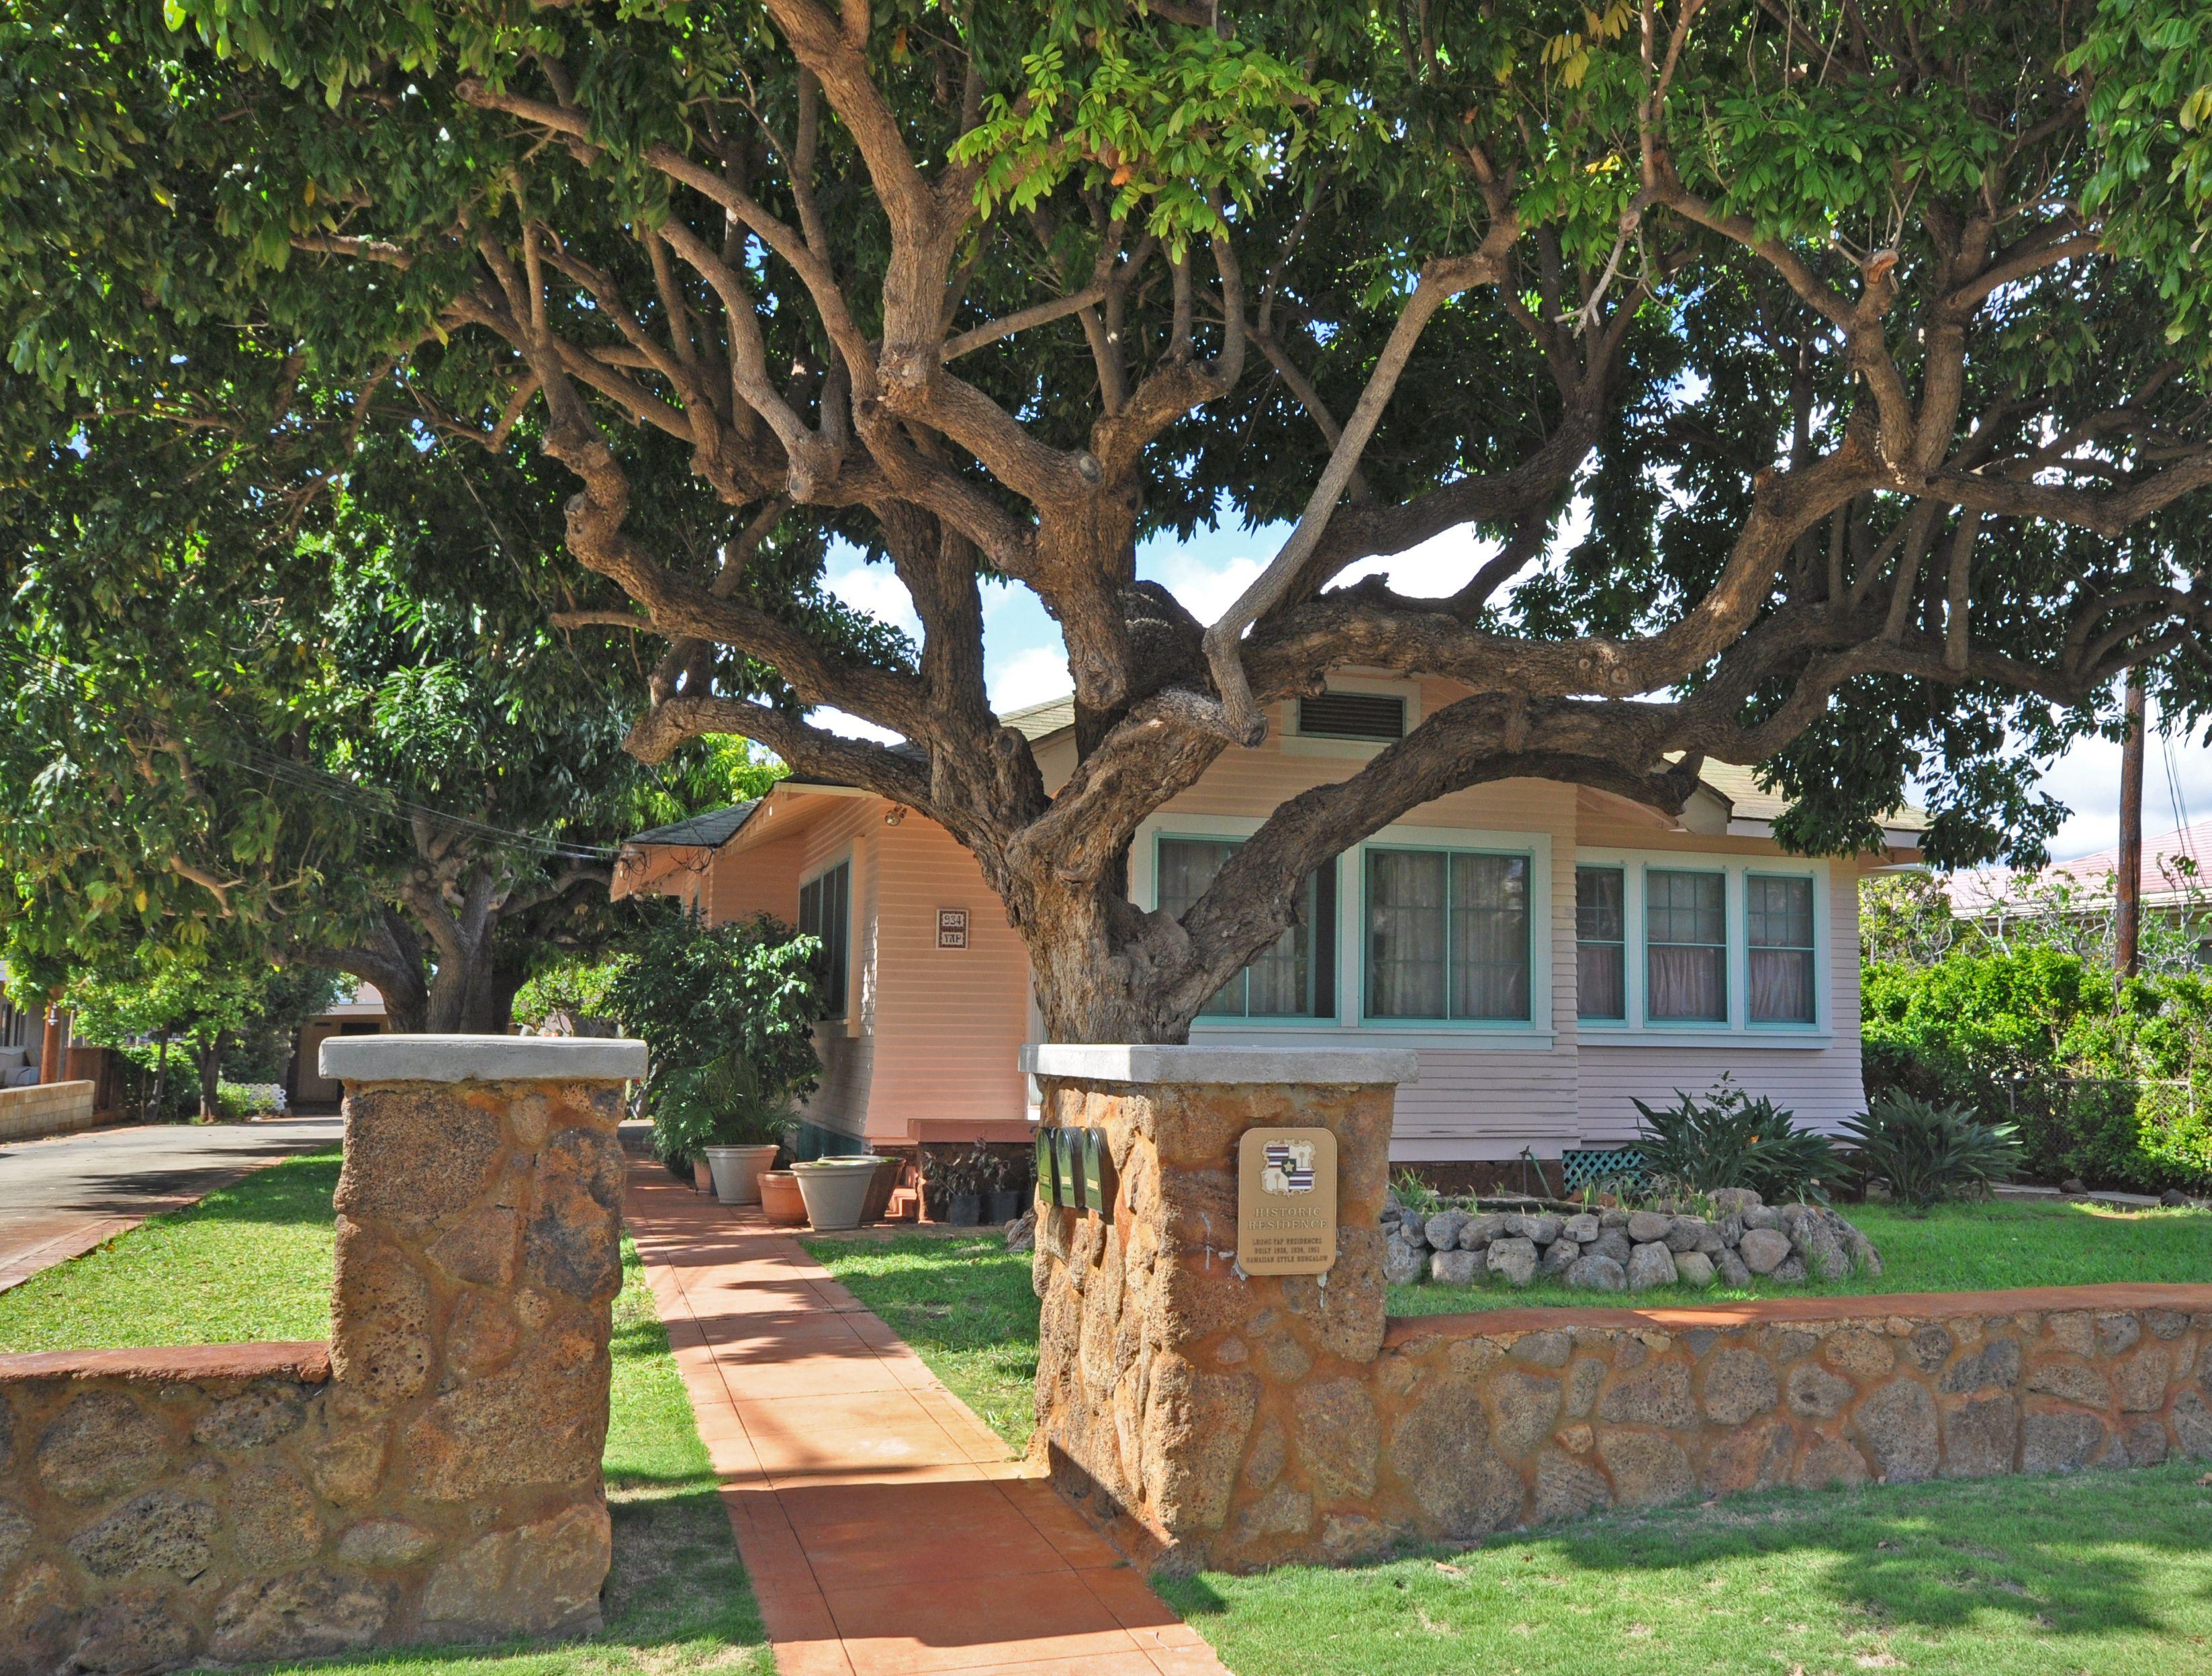 On the historic register -Honolulu Real Estate | Kaimuki Historic Homes | Oahu  Hawaii Real